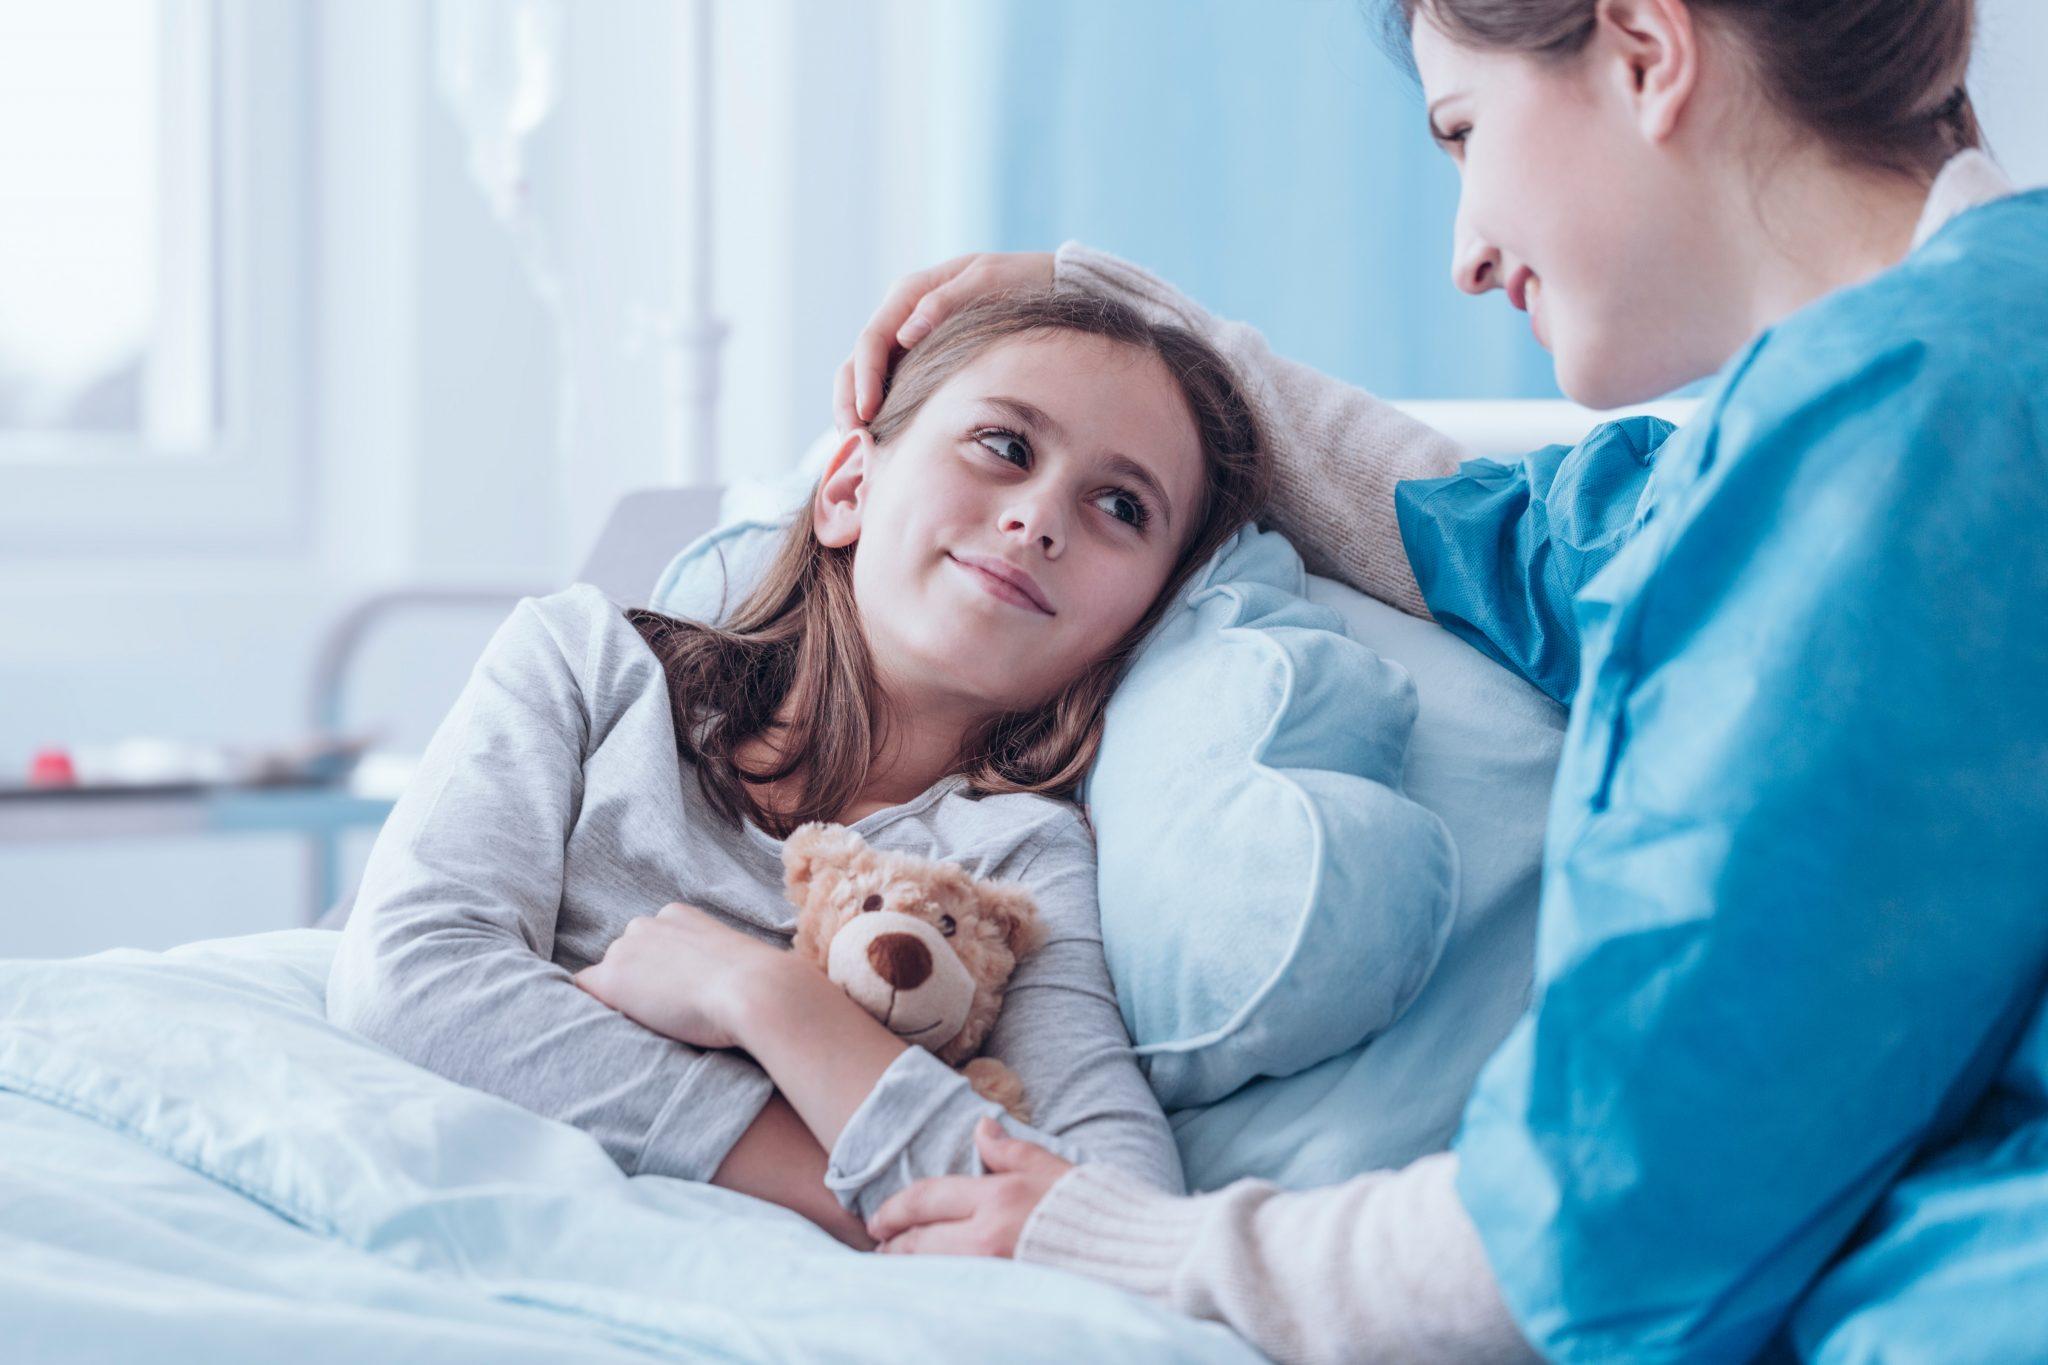 Hyvinvointiteknologiamessujen kuvituskuva, jossa nainen ja lapsi.